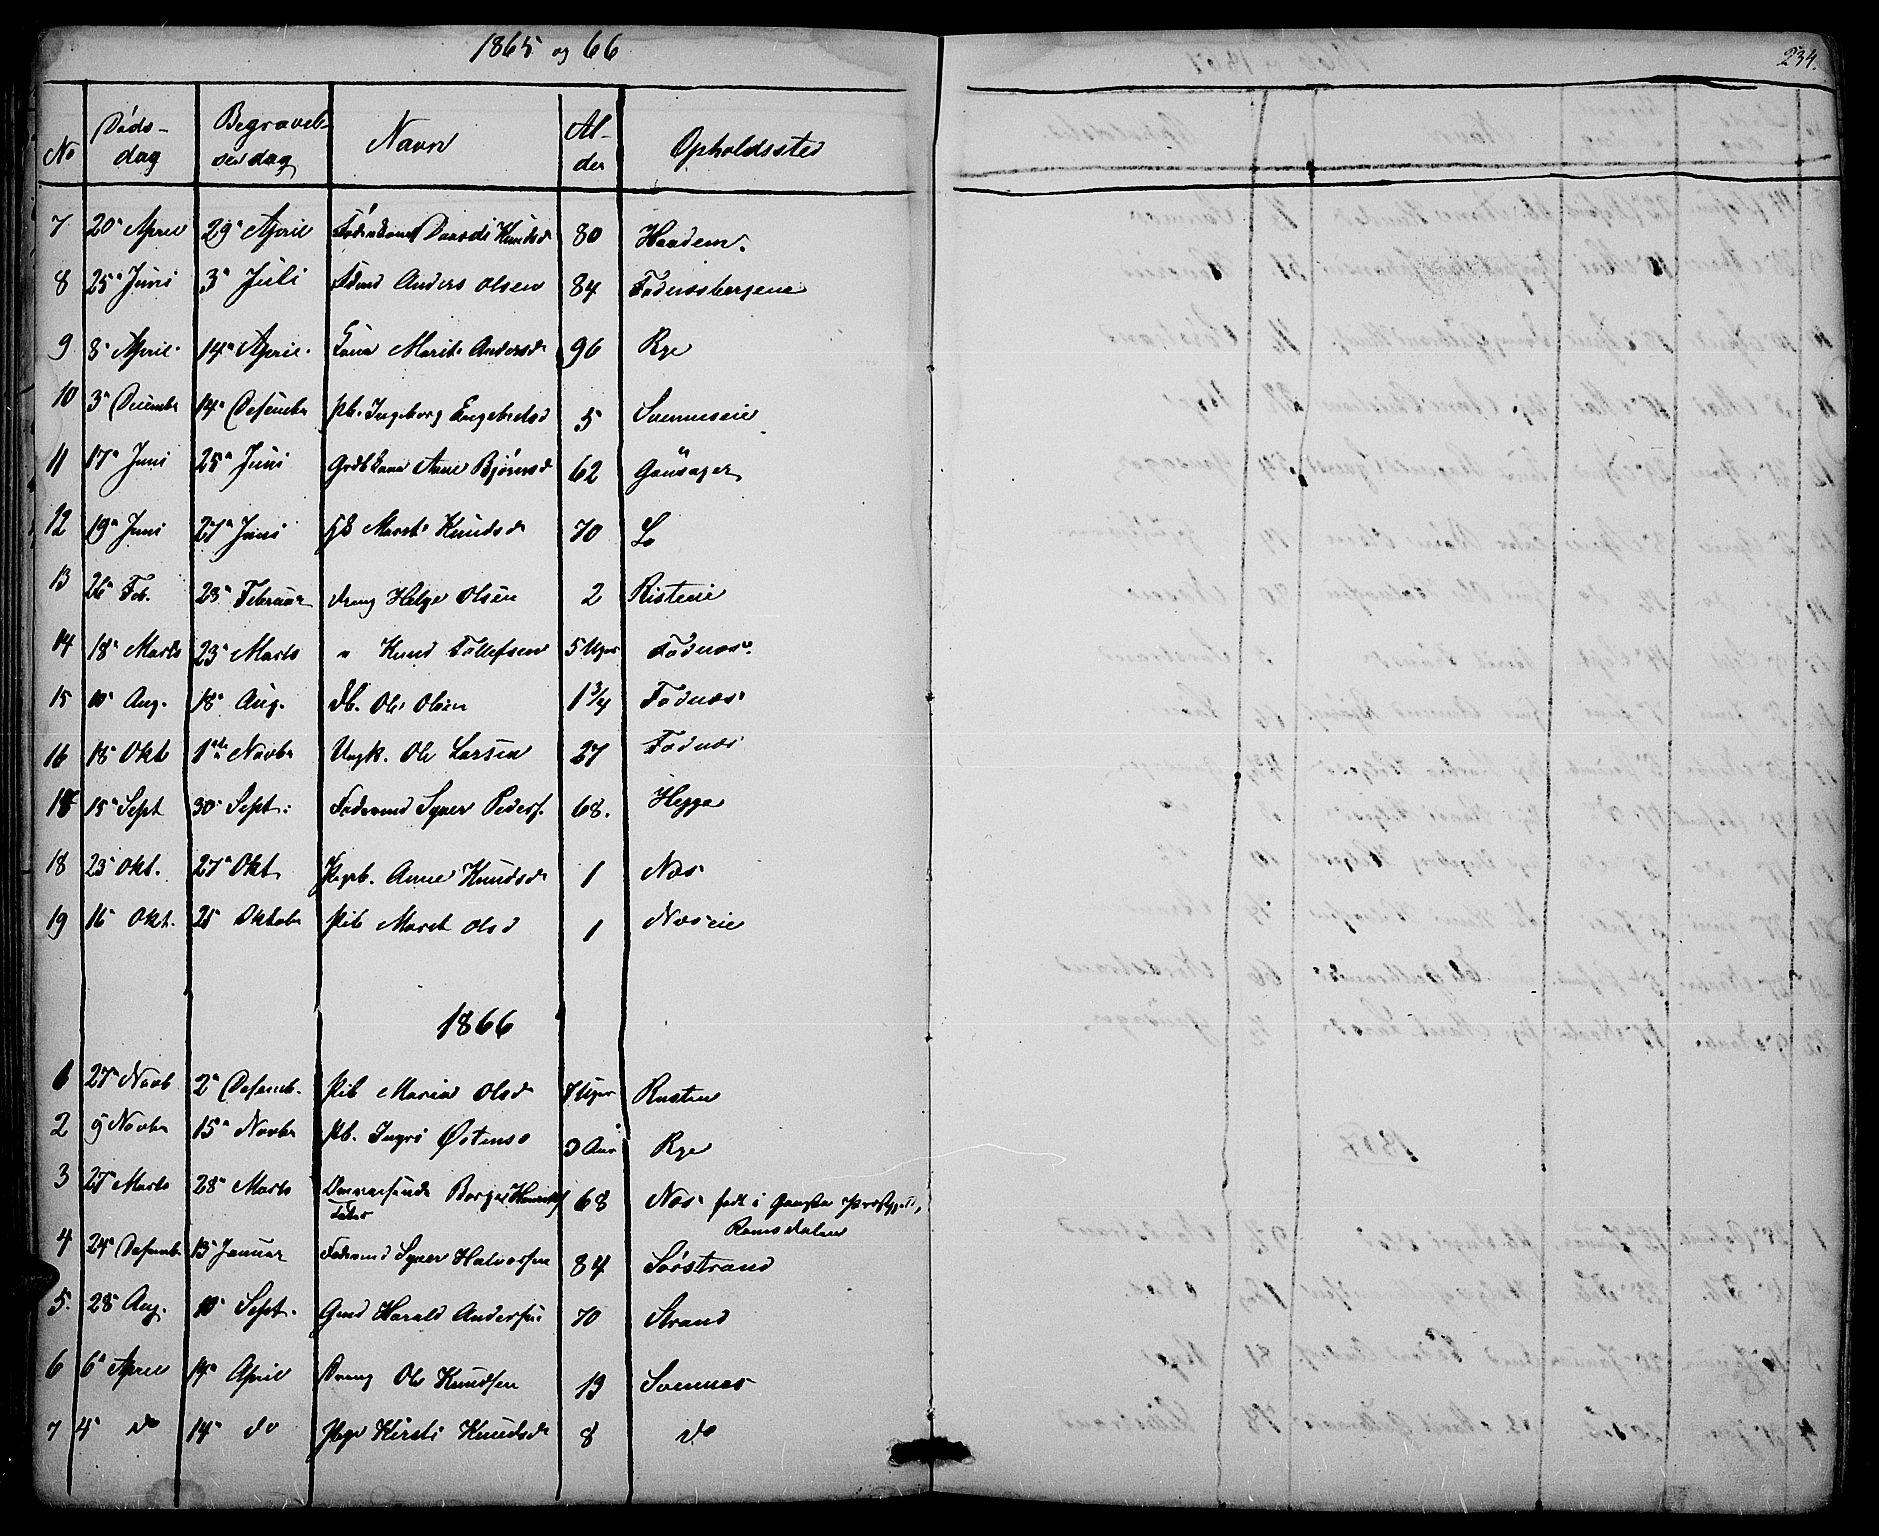 SAH, Nord-Aurdal prestekontor, Klokkerbok nr. 3, 1842-1882, s. 234